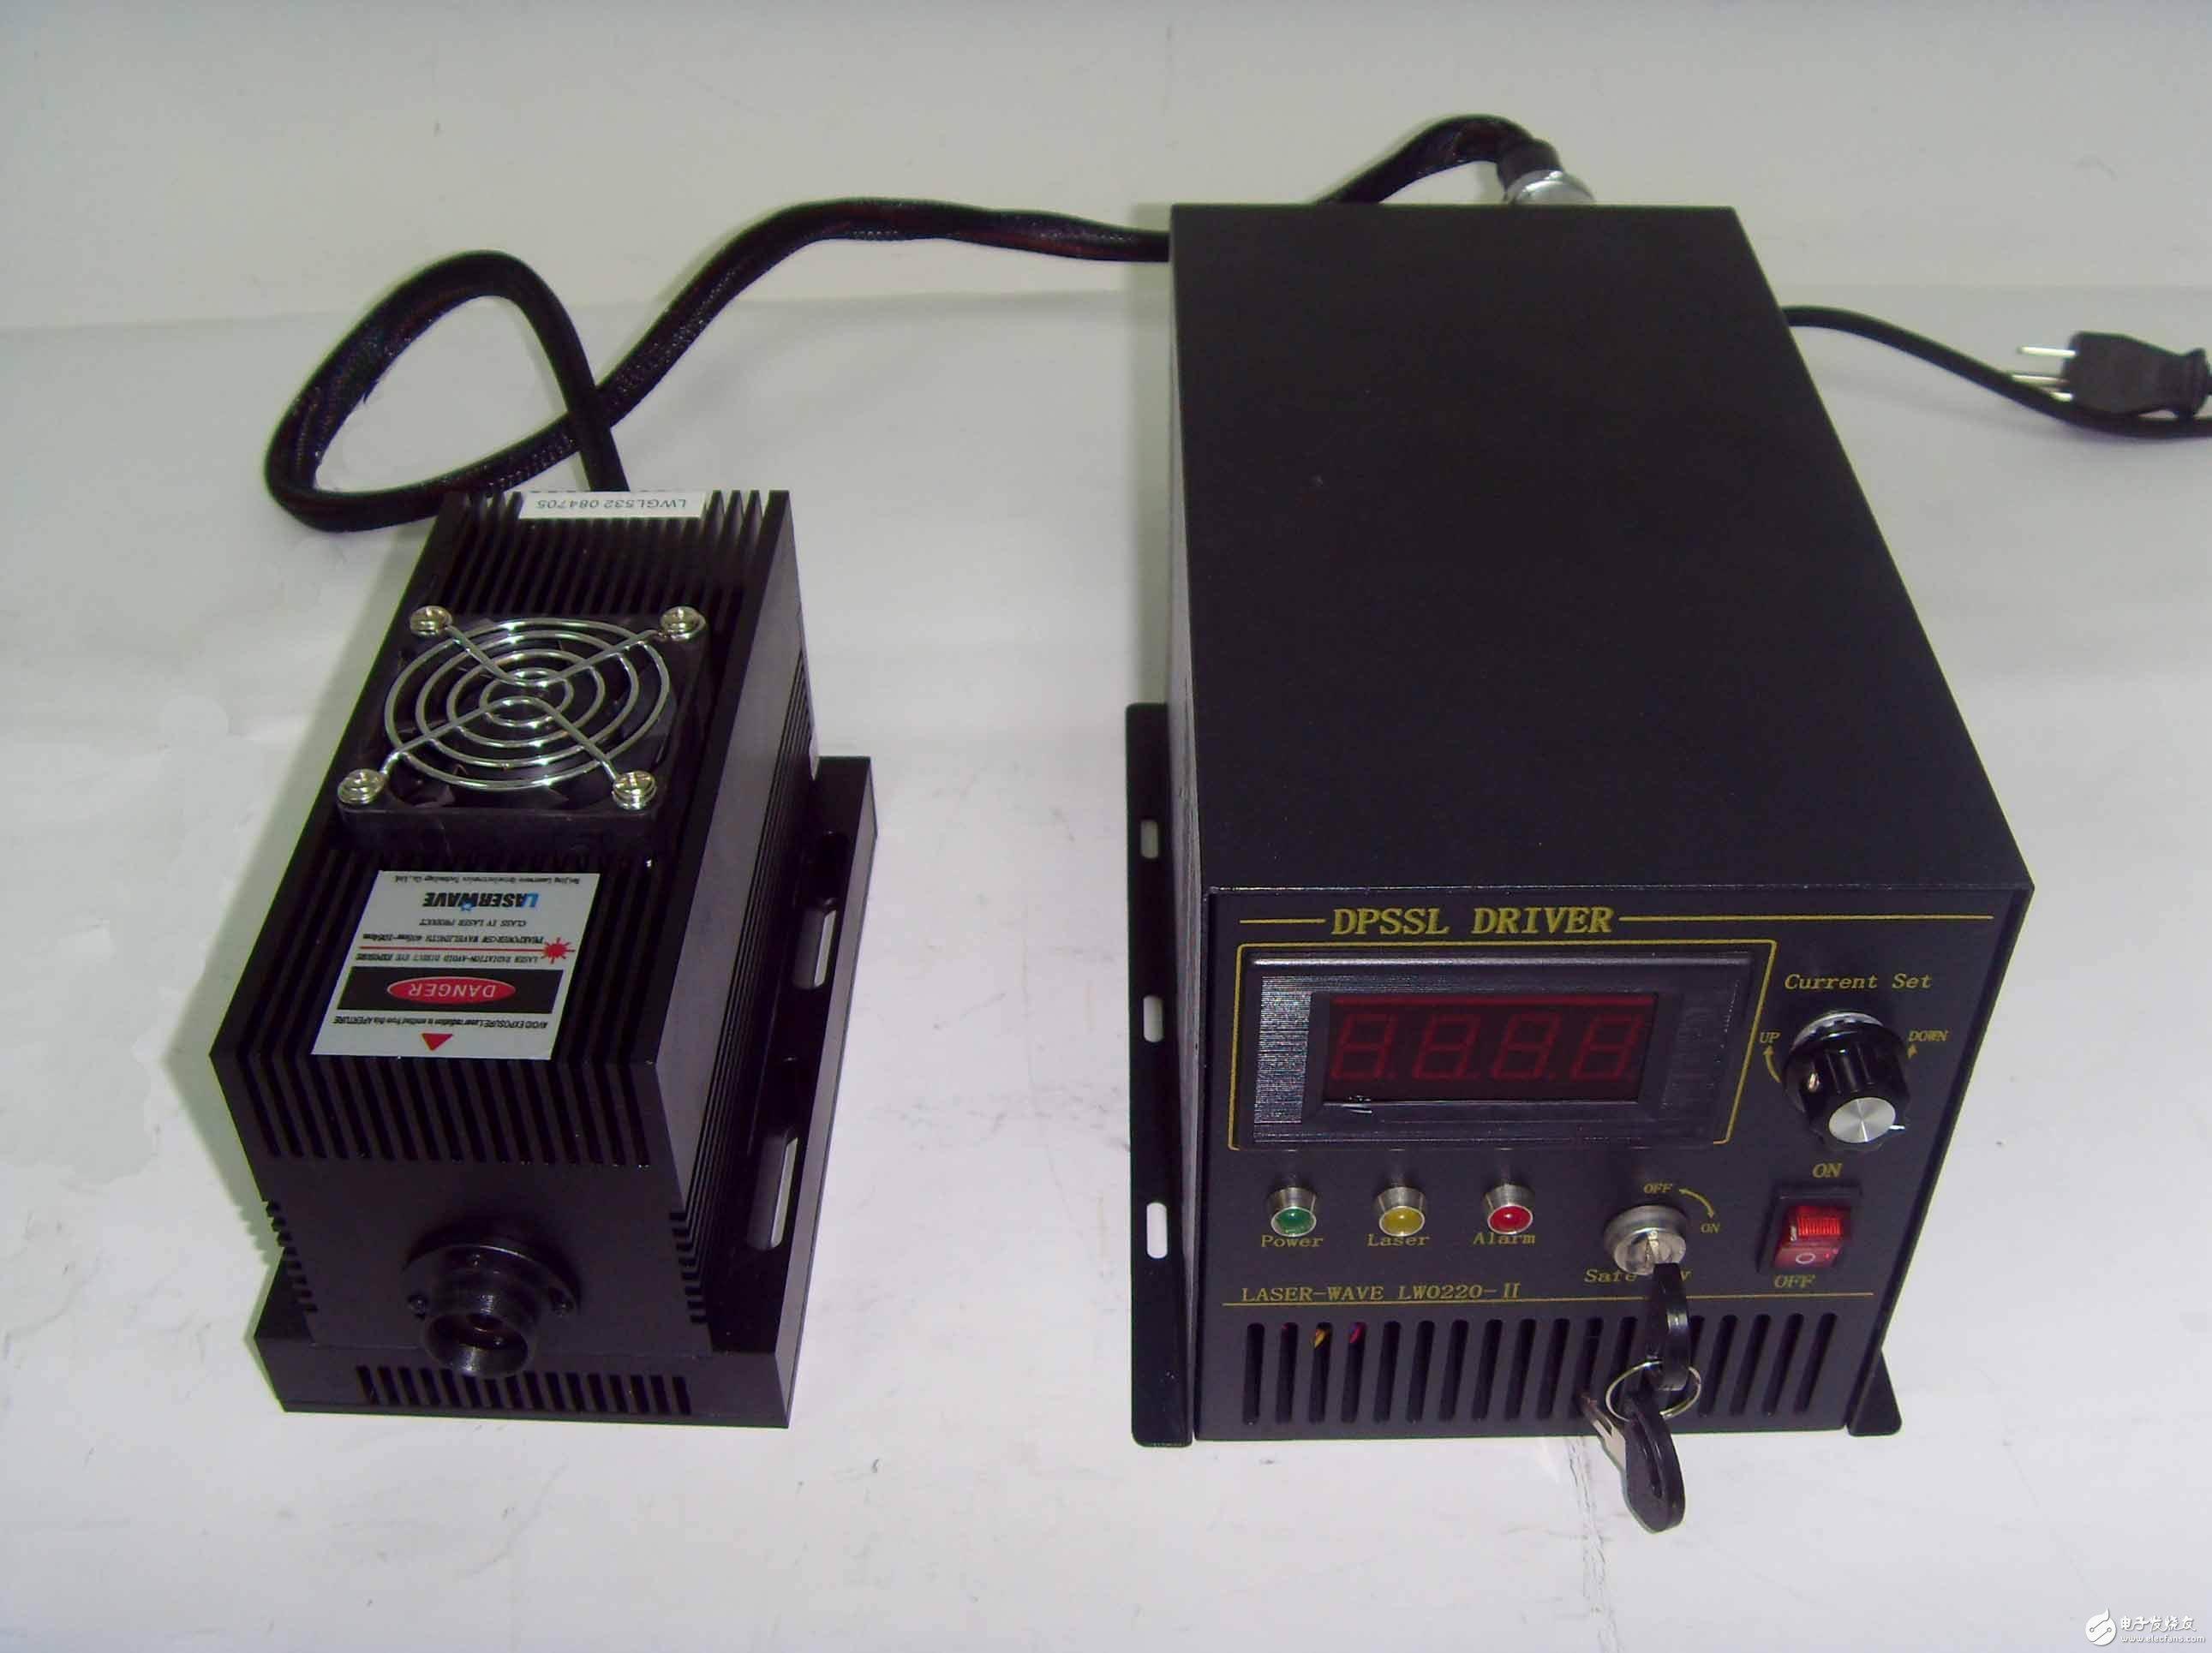 量子阱78345黄大仙正救世网器取得重要进展,可用于天基卫星载78345黄大仙正救世网雷达